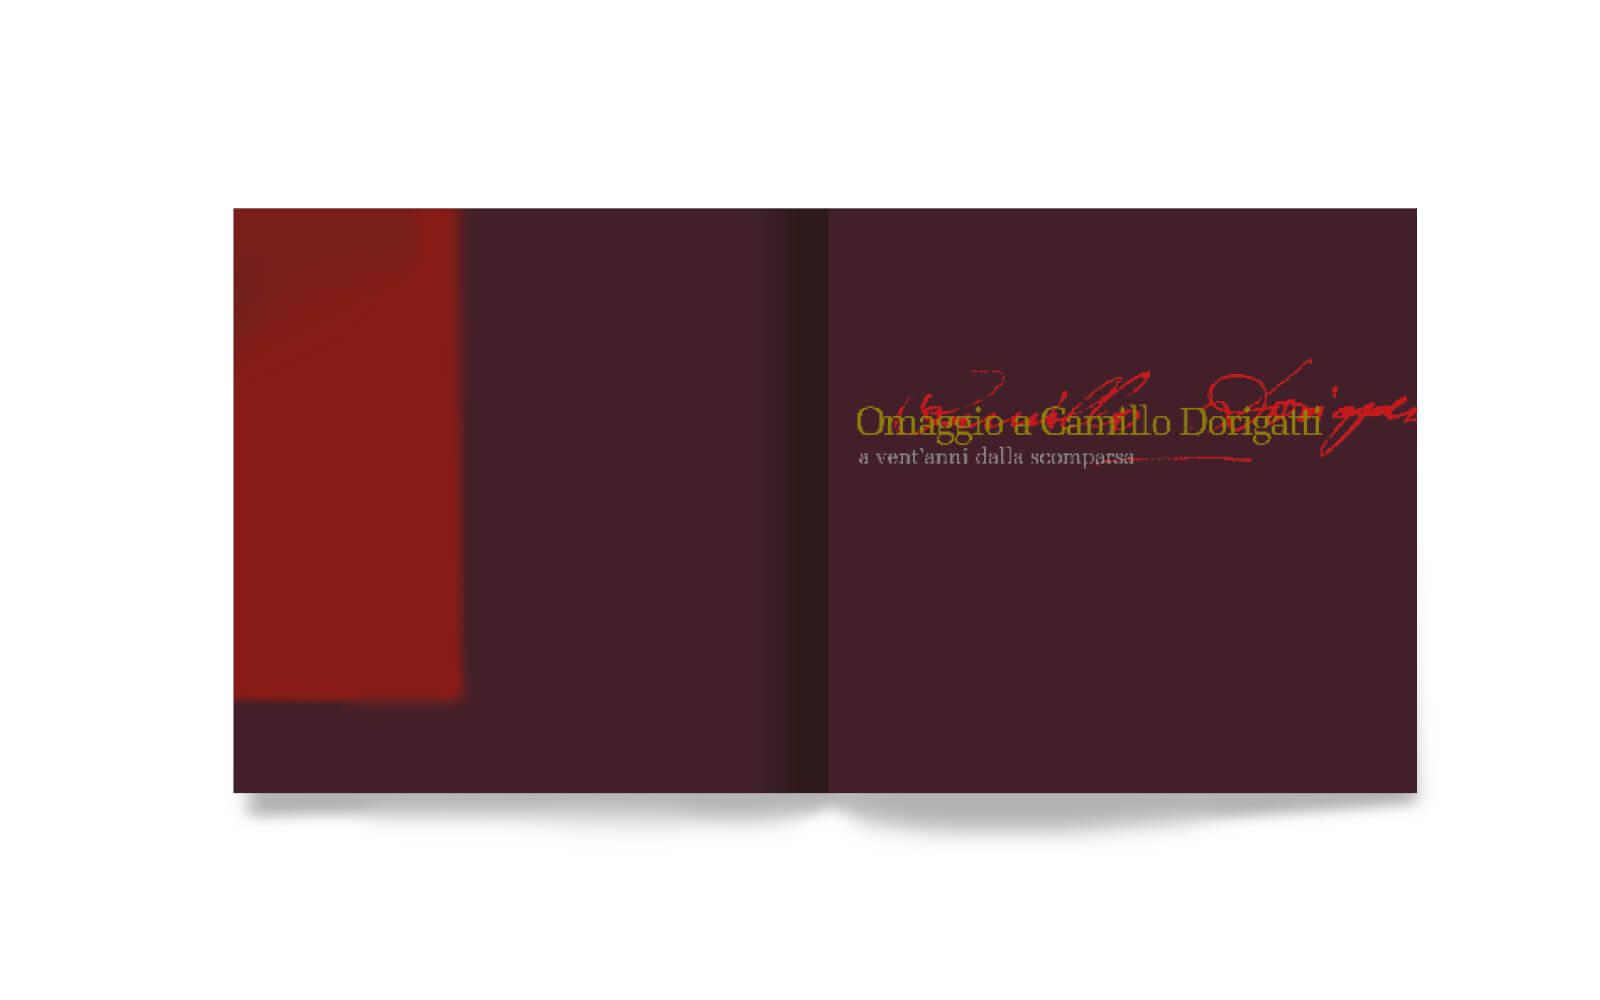 dettaglio pagine libretto interno per juwel box e cd -Camillo Dorigatti-, progetto grafico diade studio arco trento